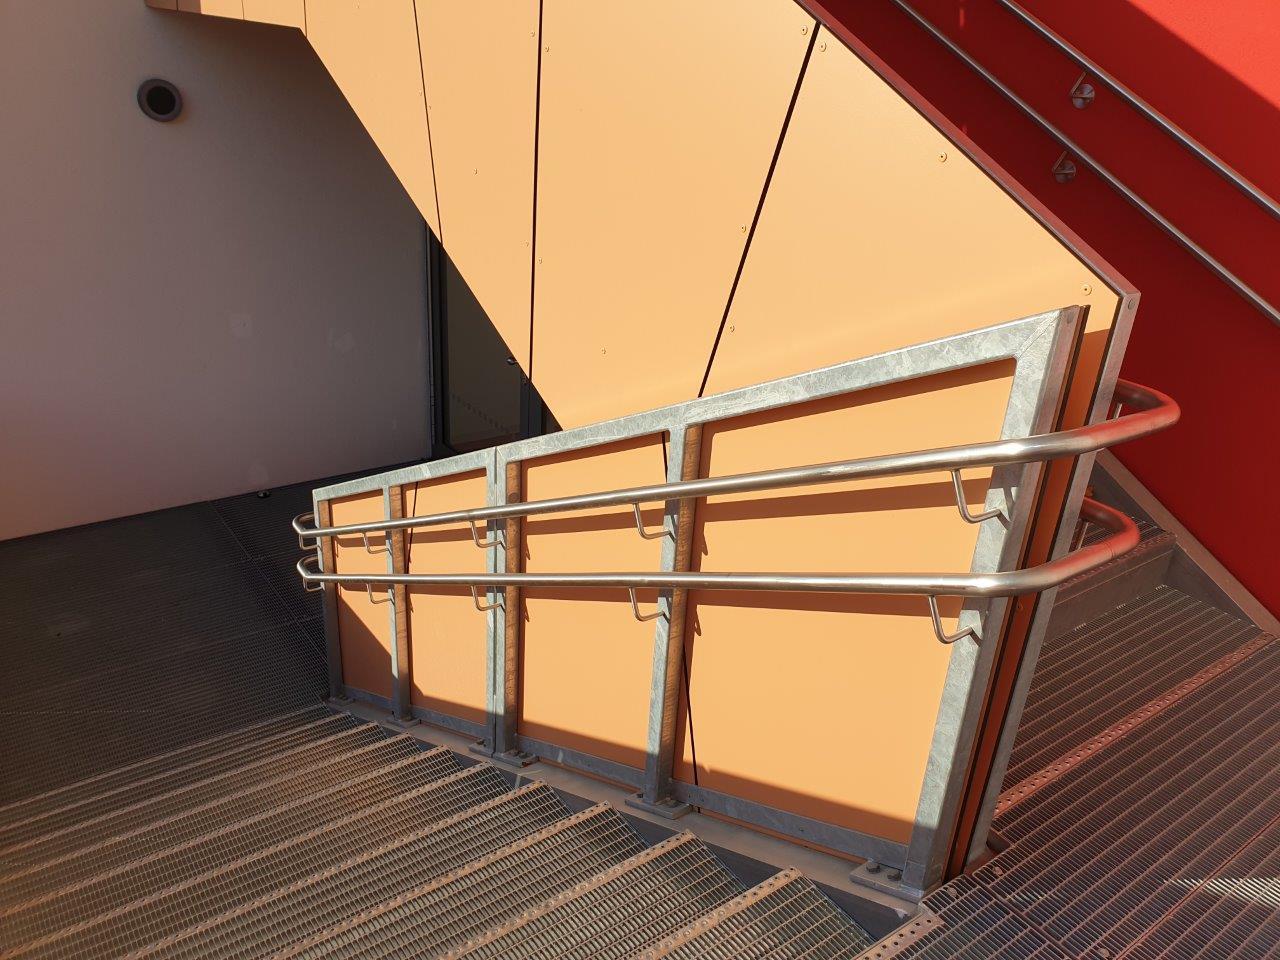 Geländer mit Handlauf der Außentreppe, EG